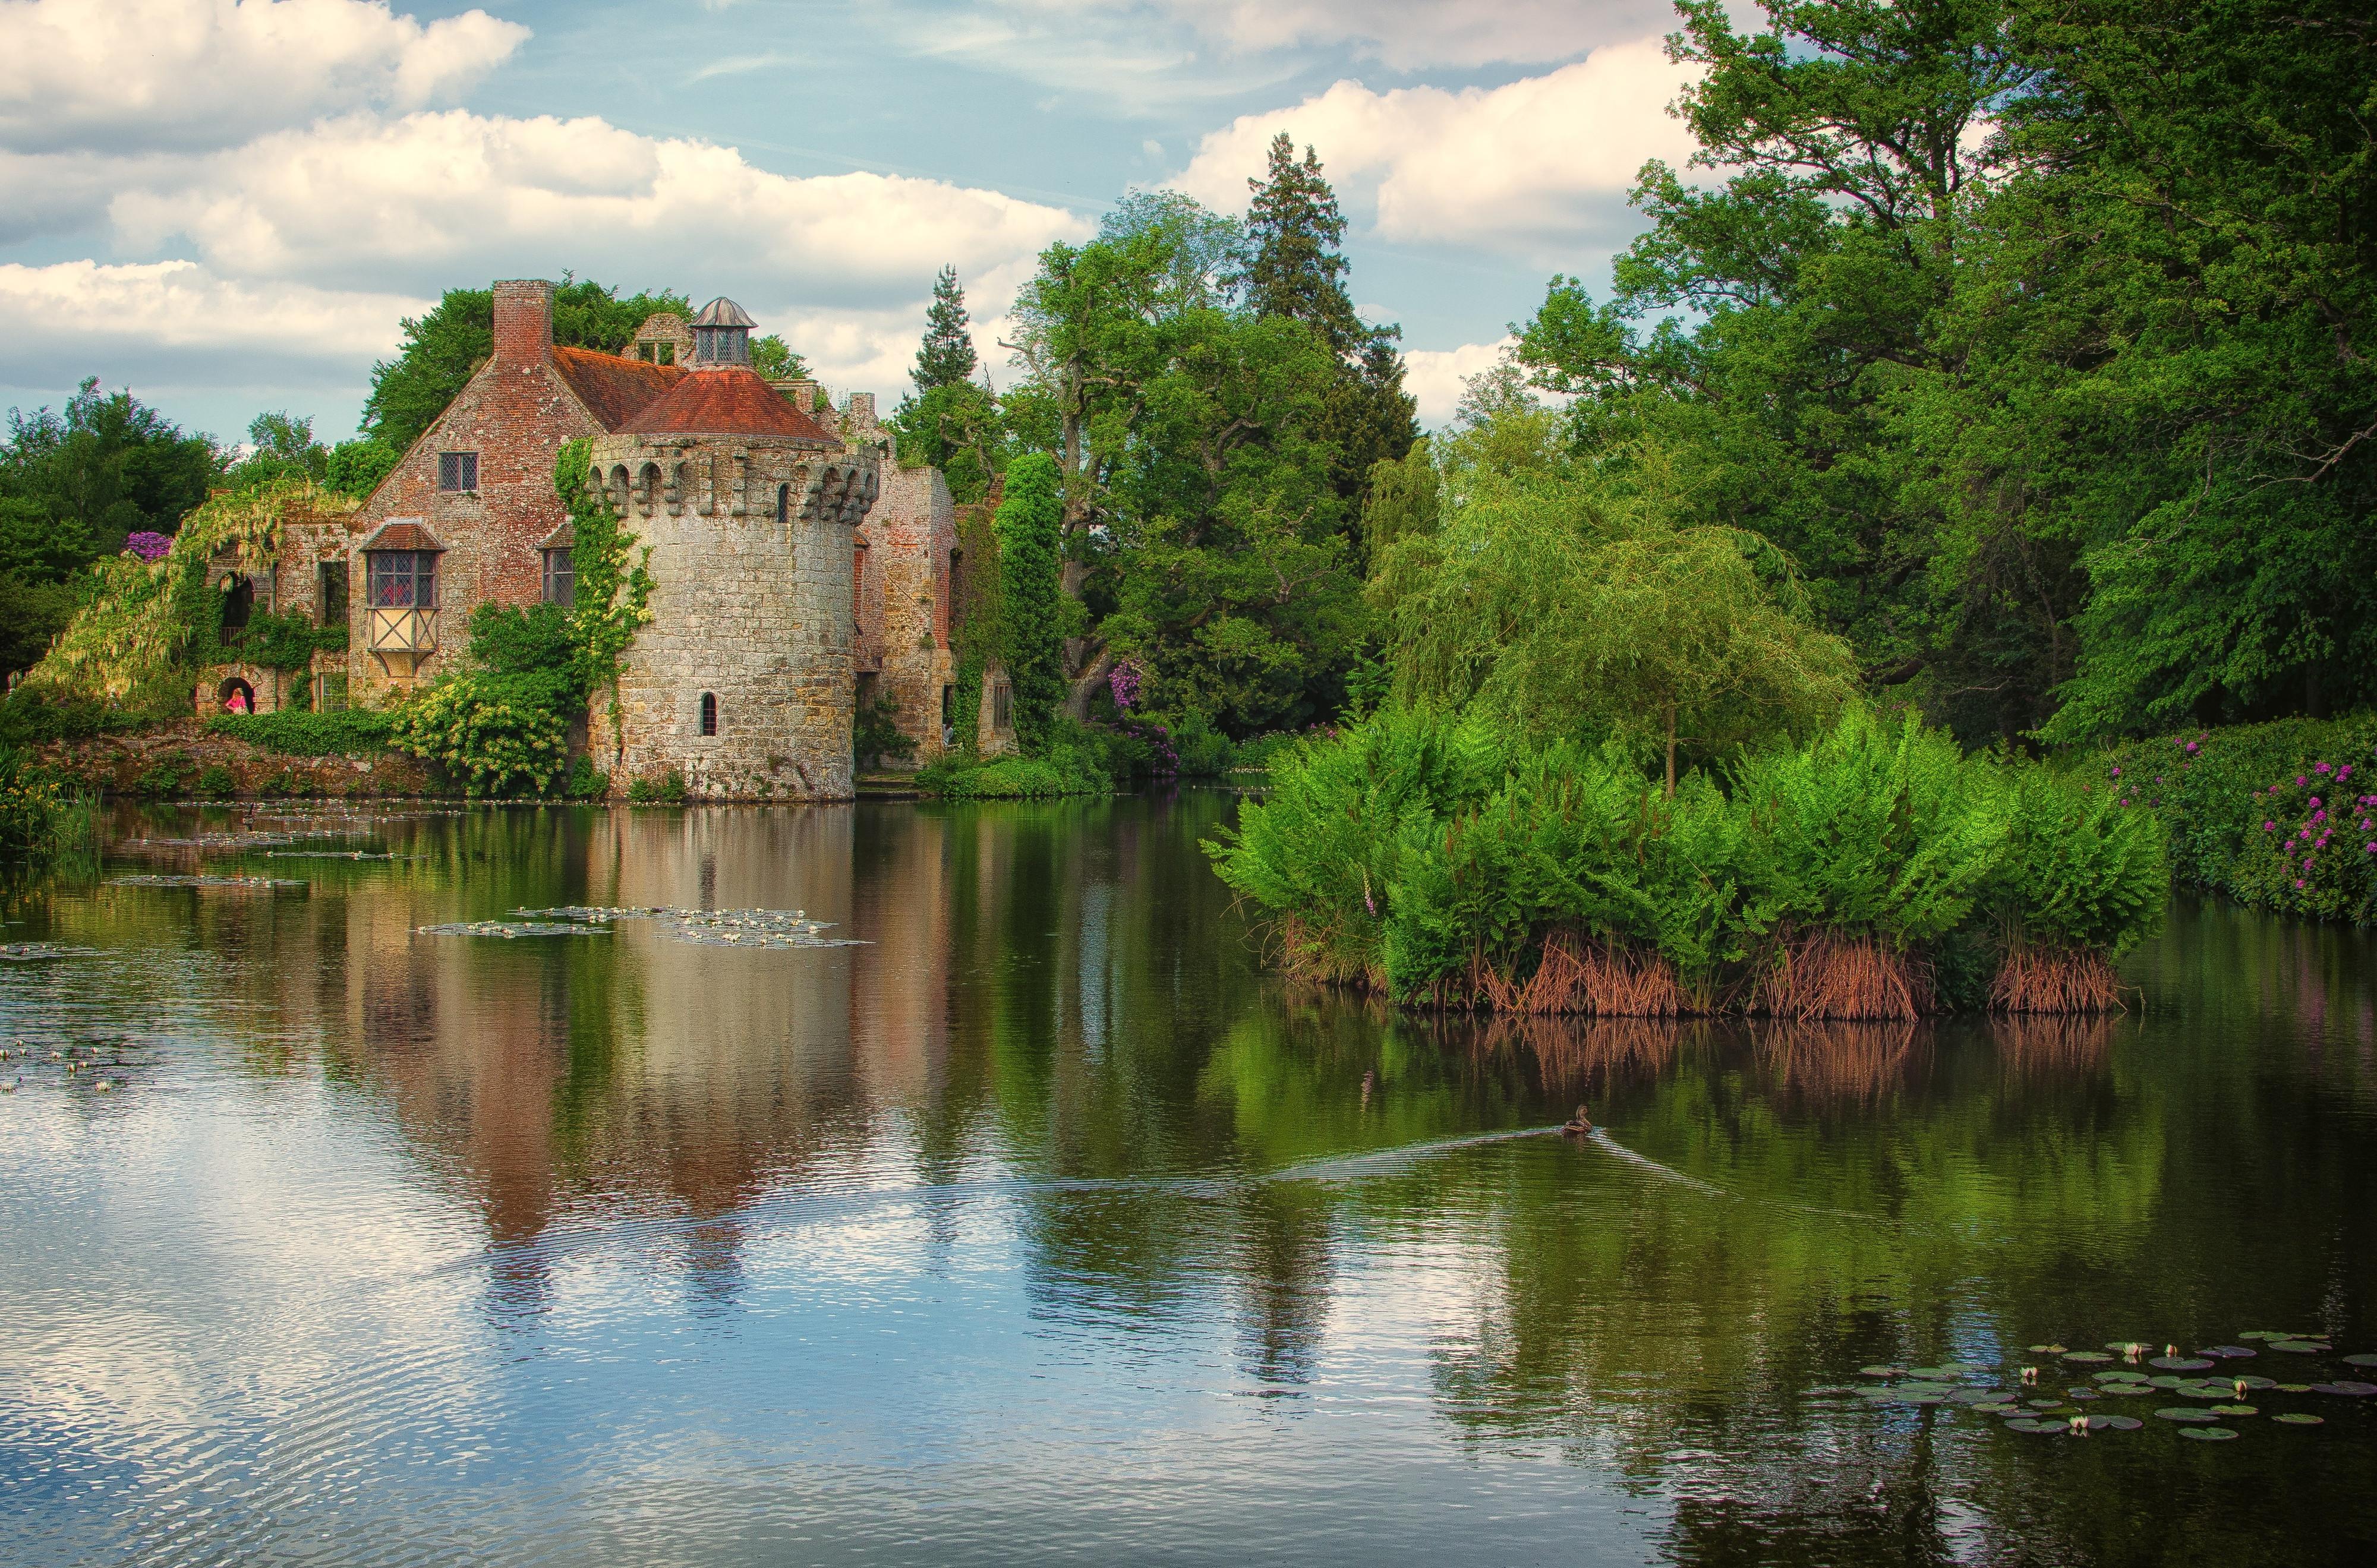 Озерцо возле дома, Англия  № 1486947  скачать